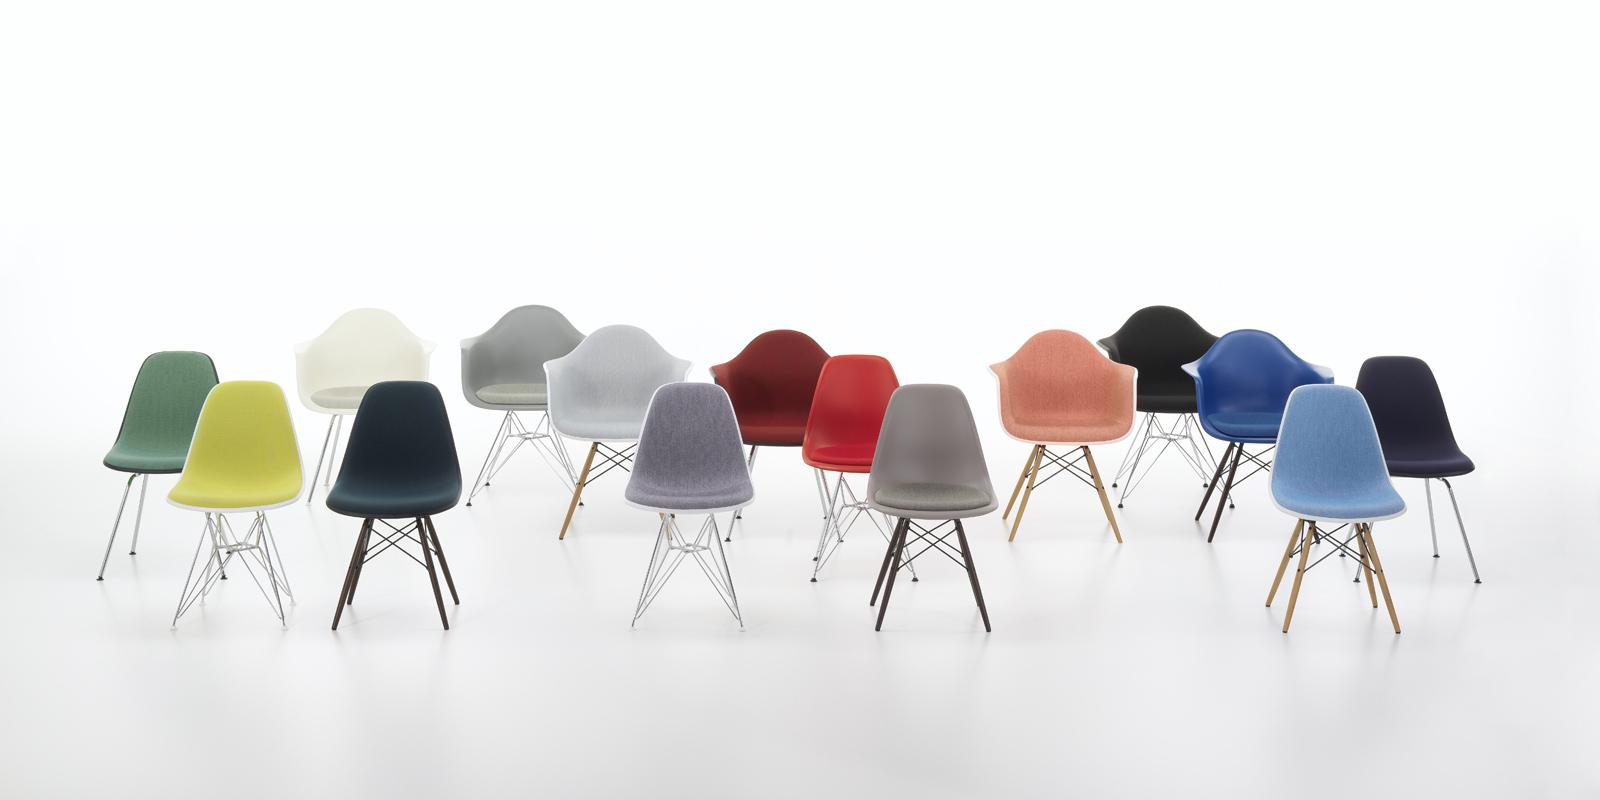 Miljøbilde av Eames plastic chair: DSR, DSW, DAR og DAW